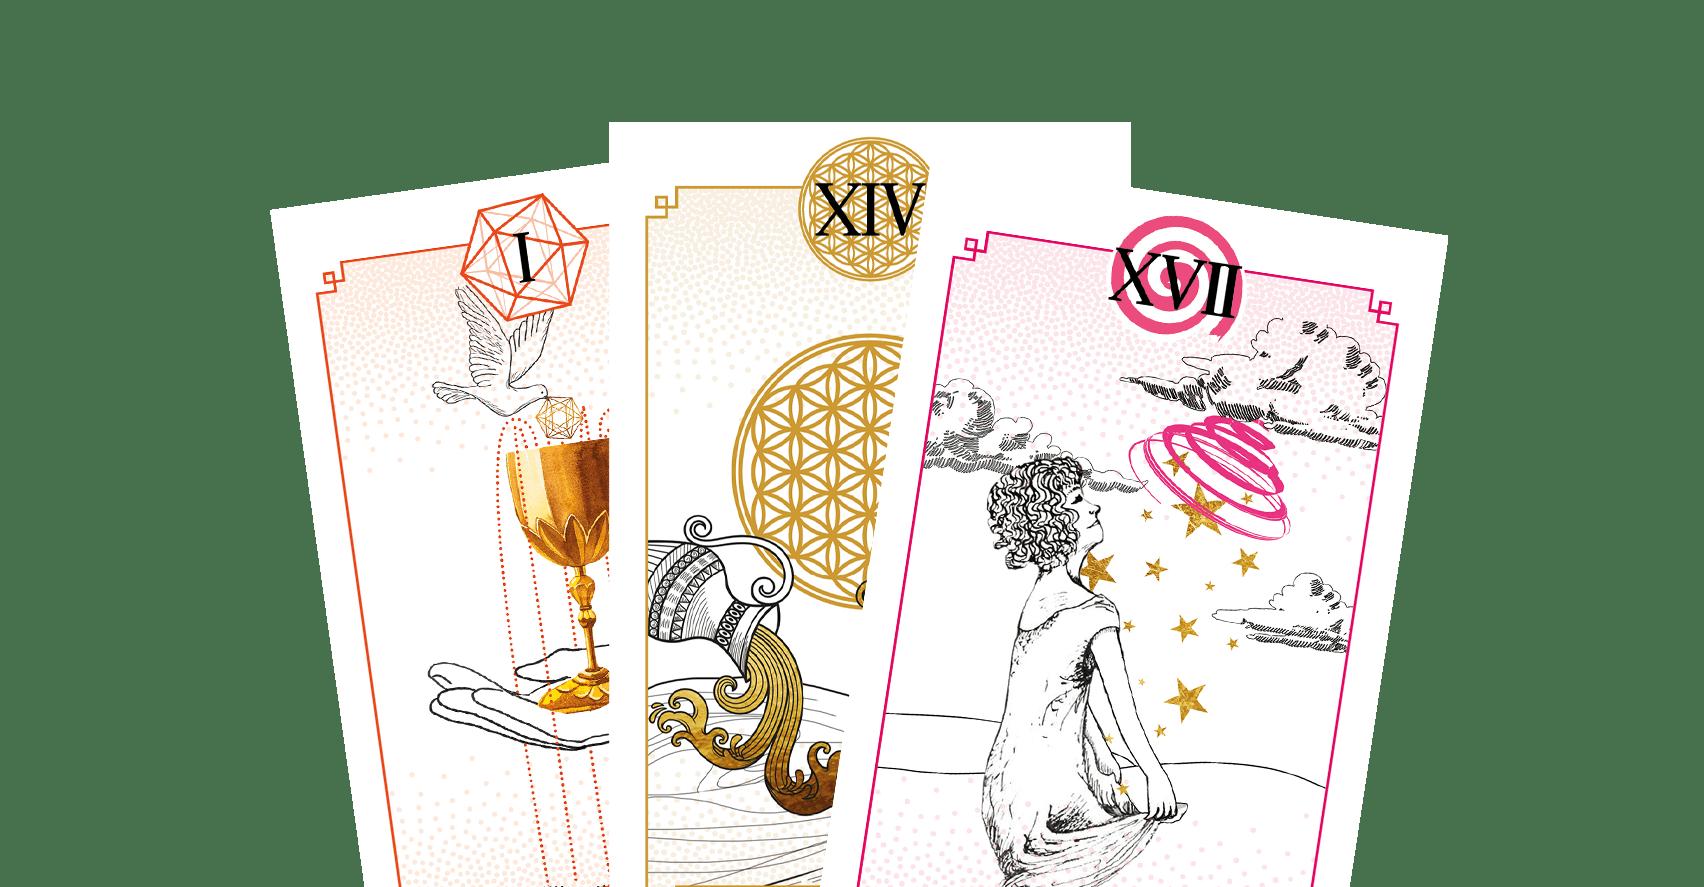 Linda Giese_Experting für Tarot der neuen Zeit aus der fünften Dimension